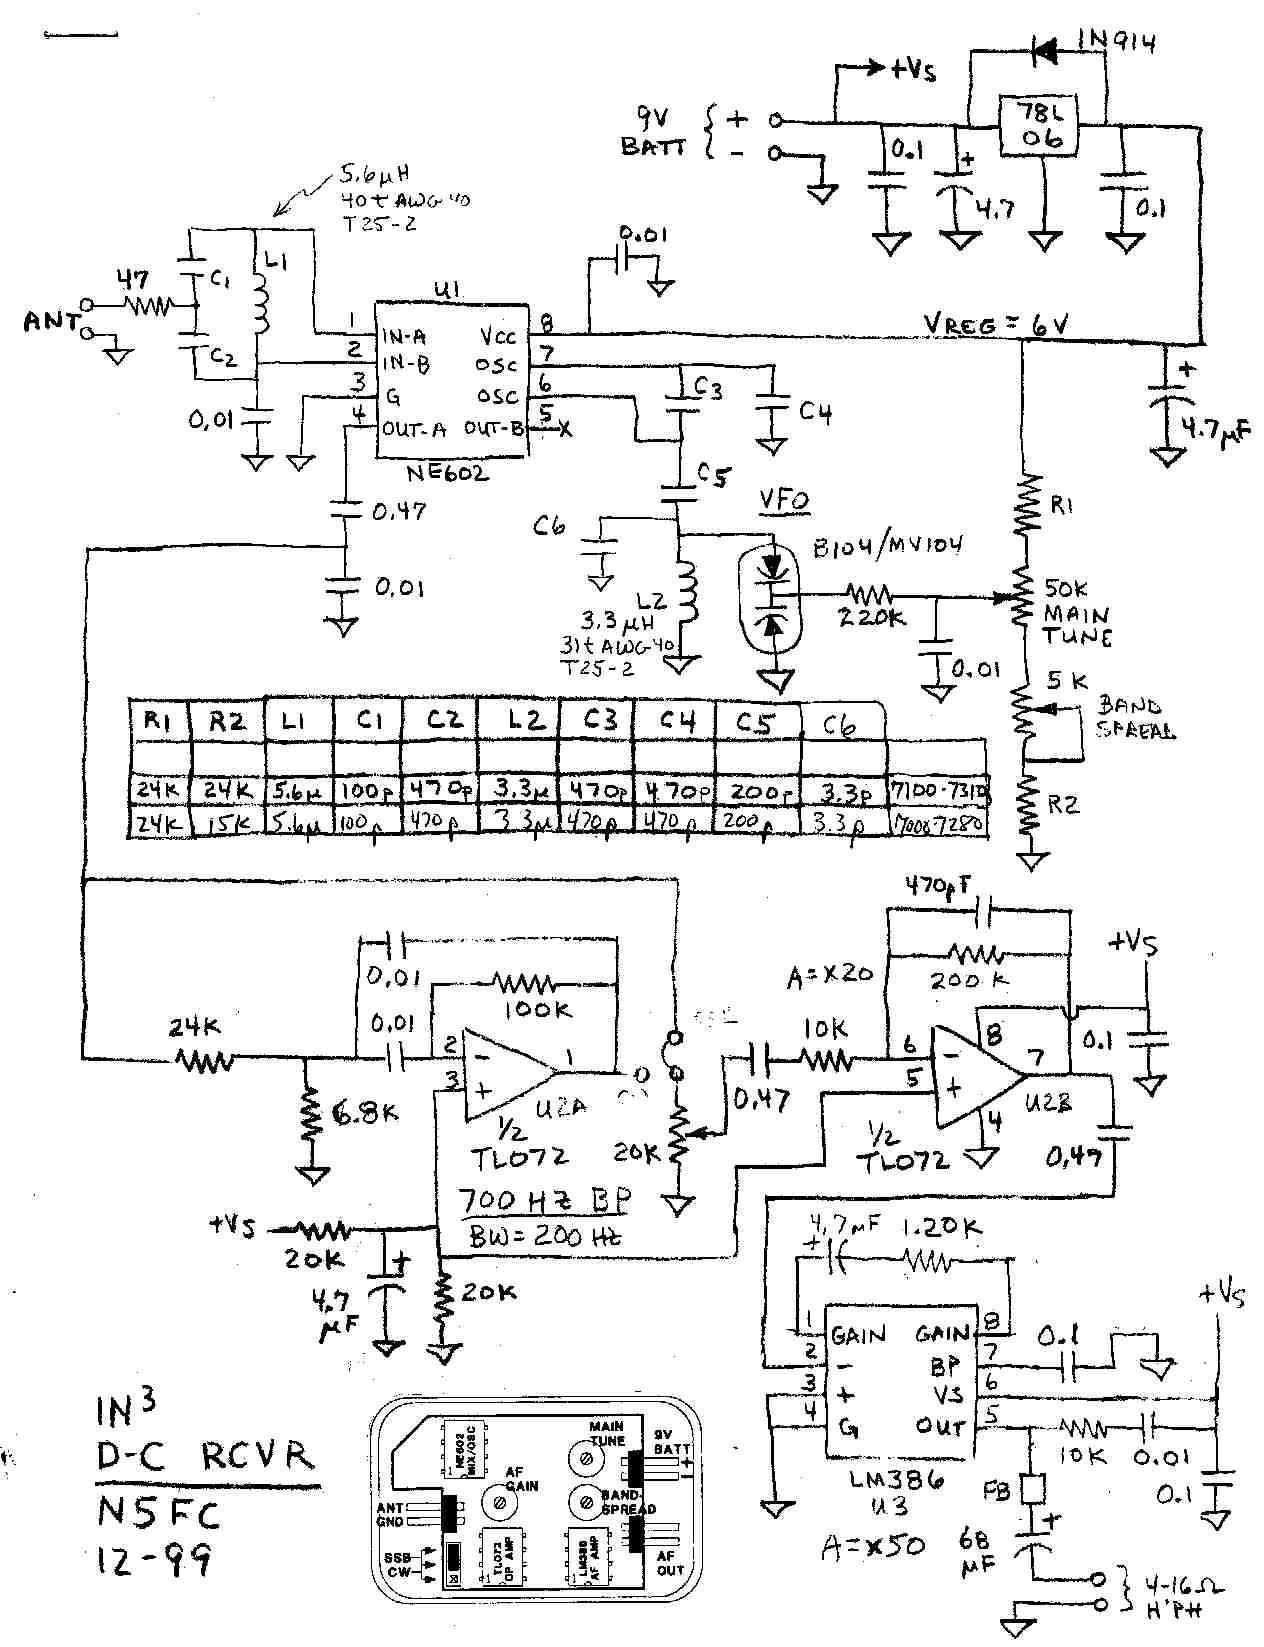 5 pin cb mic wiring diagram